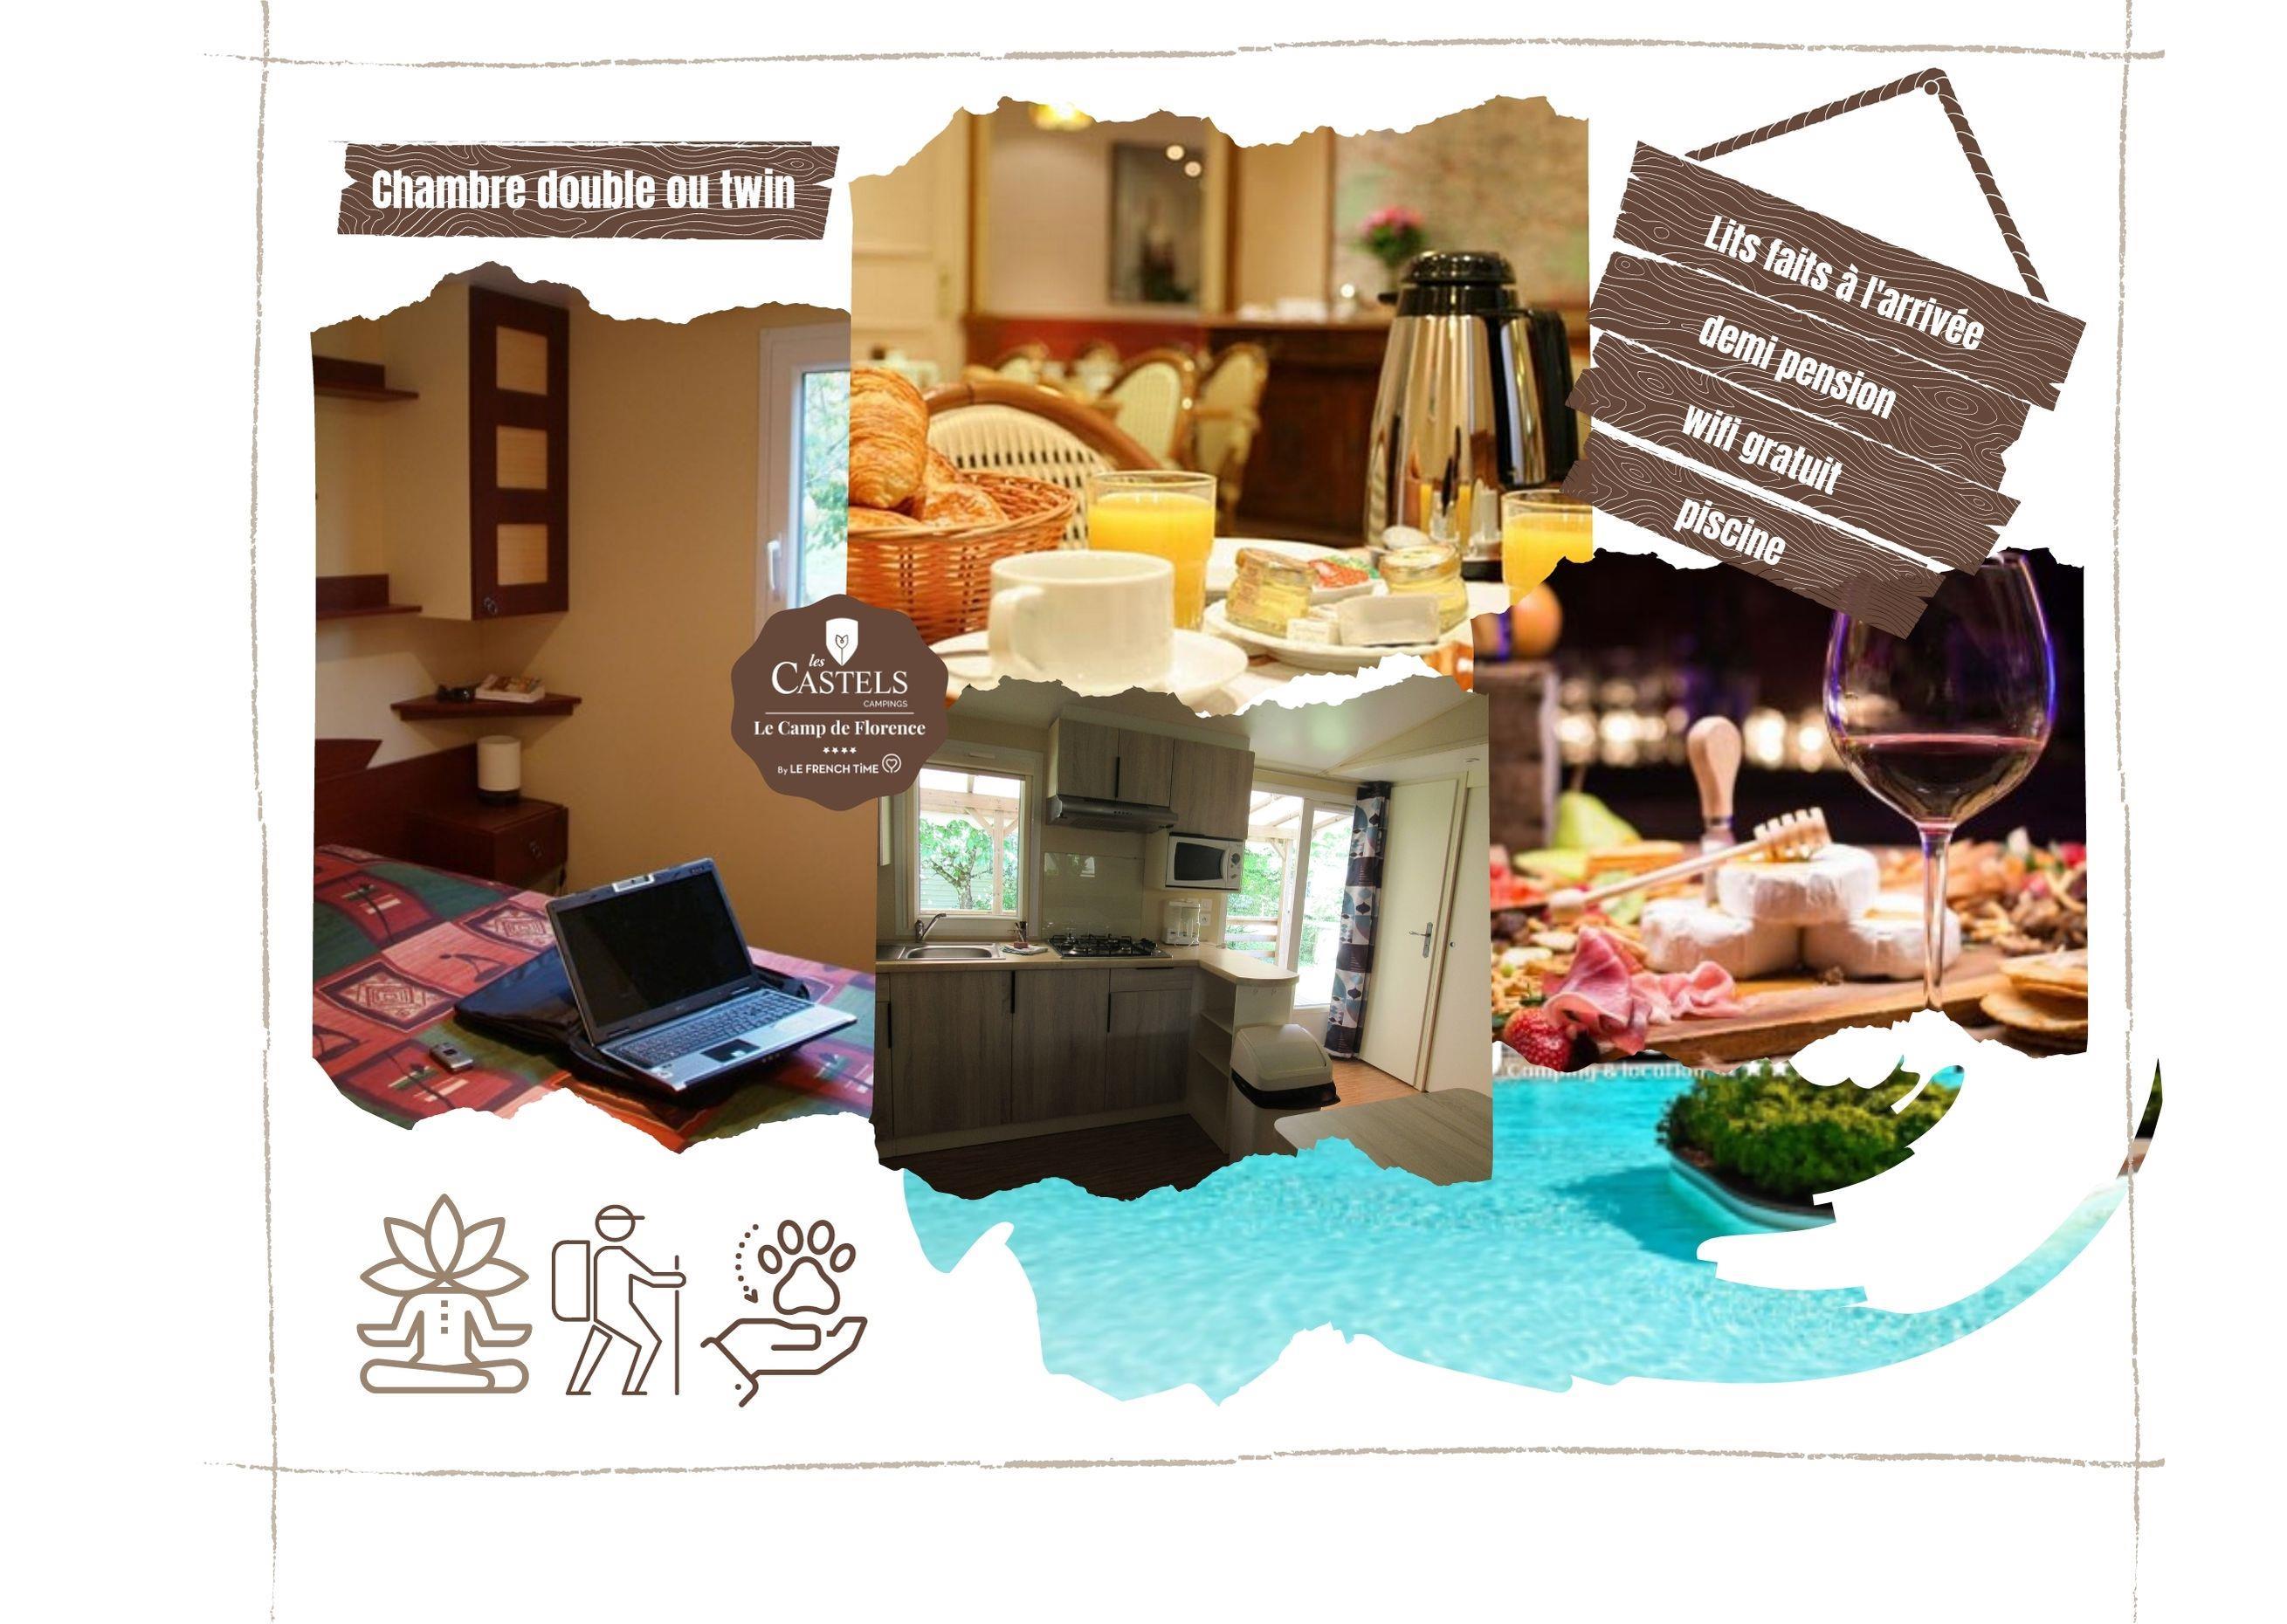 Chambre - Chambre: Diner Et Petit Déjeuner Inclus (Demi-Pension) - Camping Castel Le Camp de Florence